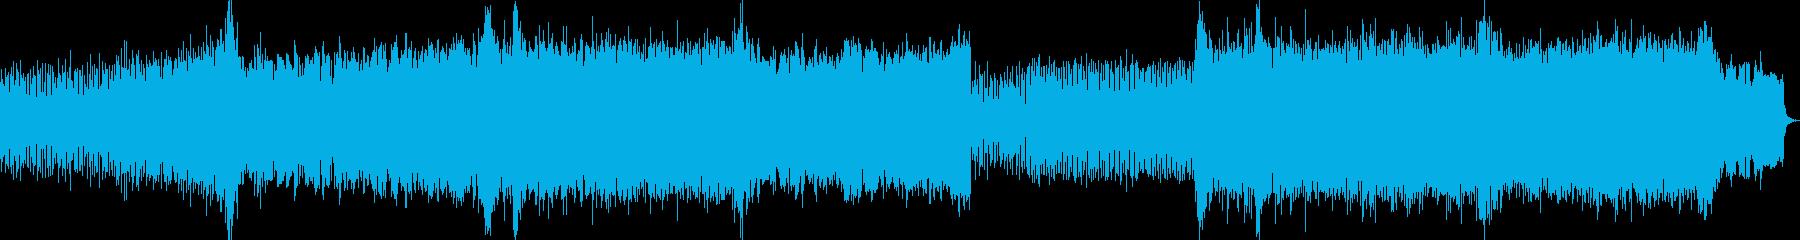 【変拍子】教会、ウィスキー、バイオリンの再生済みの波形